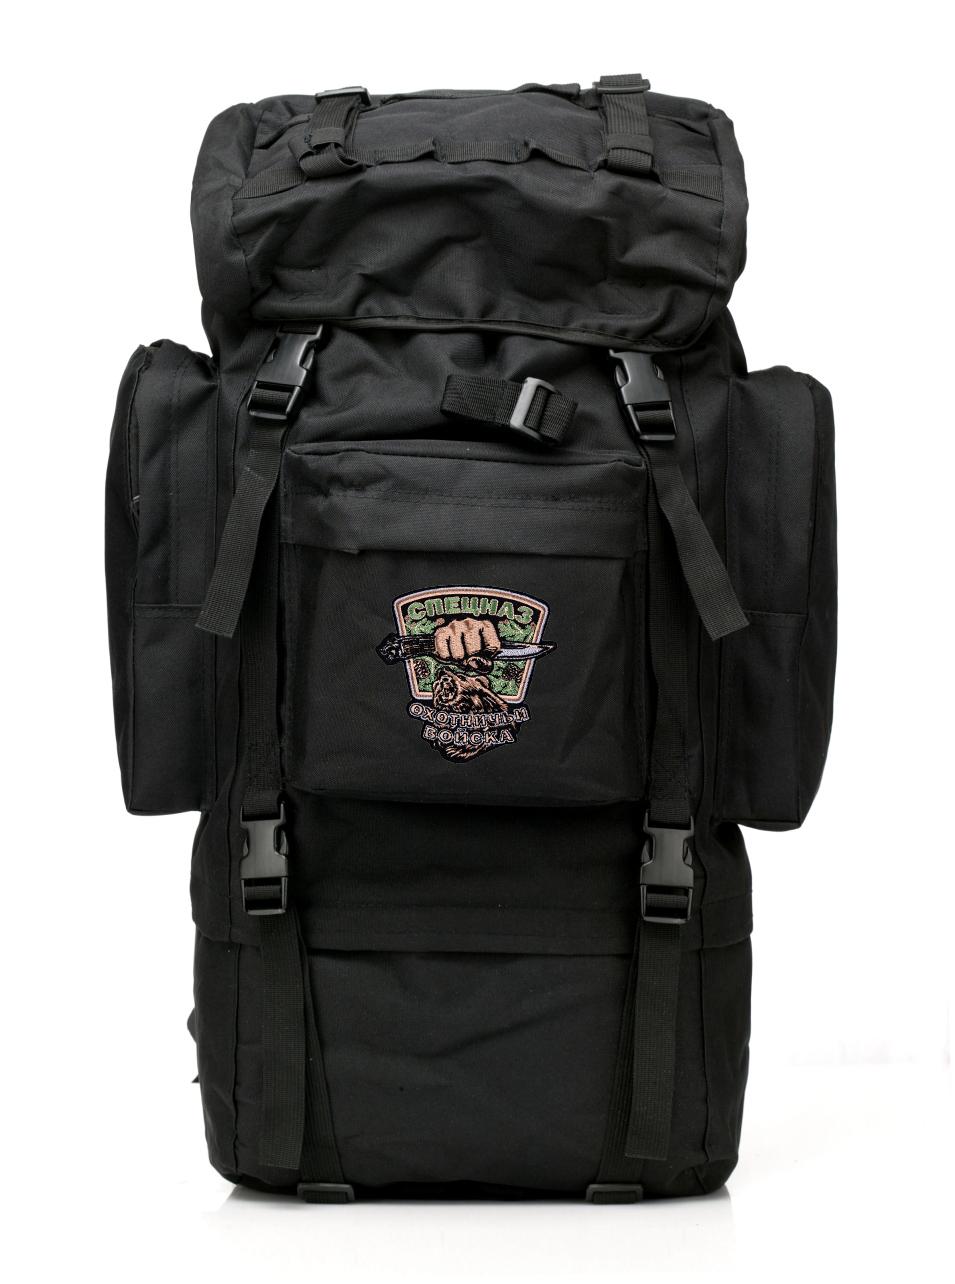 Многодневный черный рюкзак с эмблемой Охотничьих войск